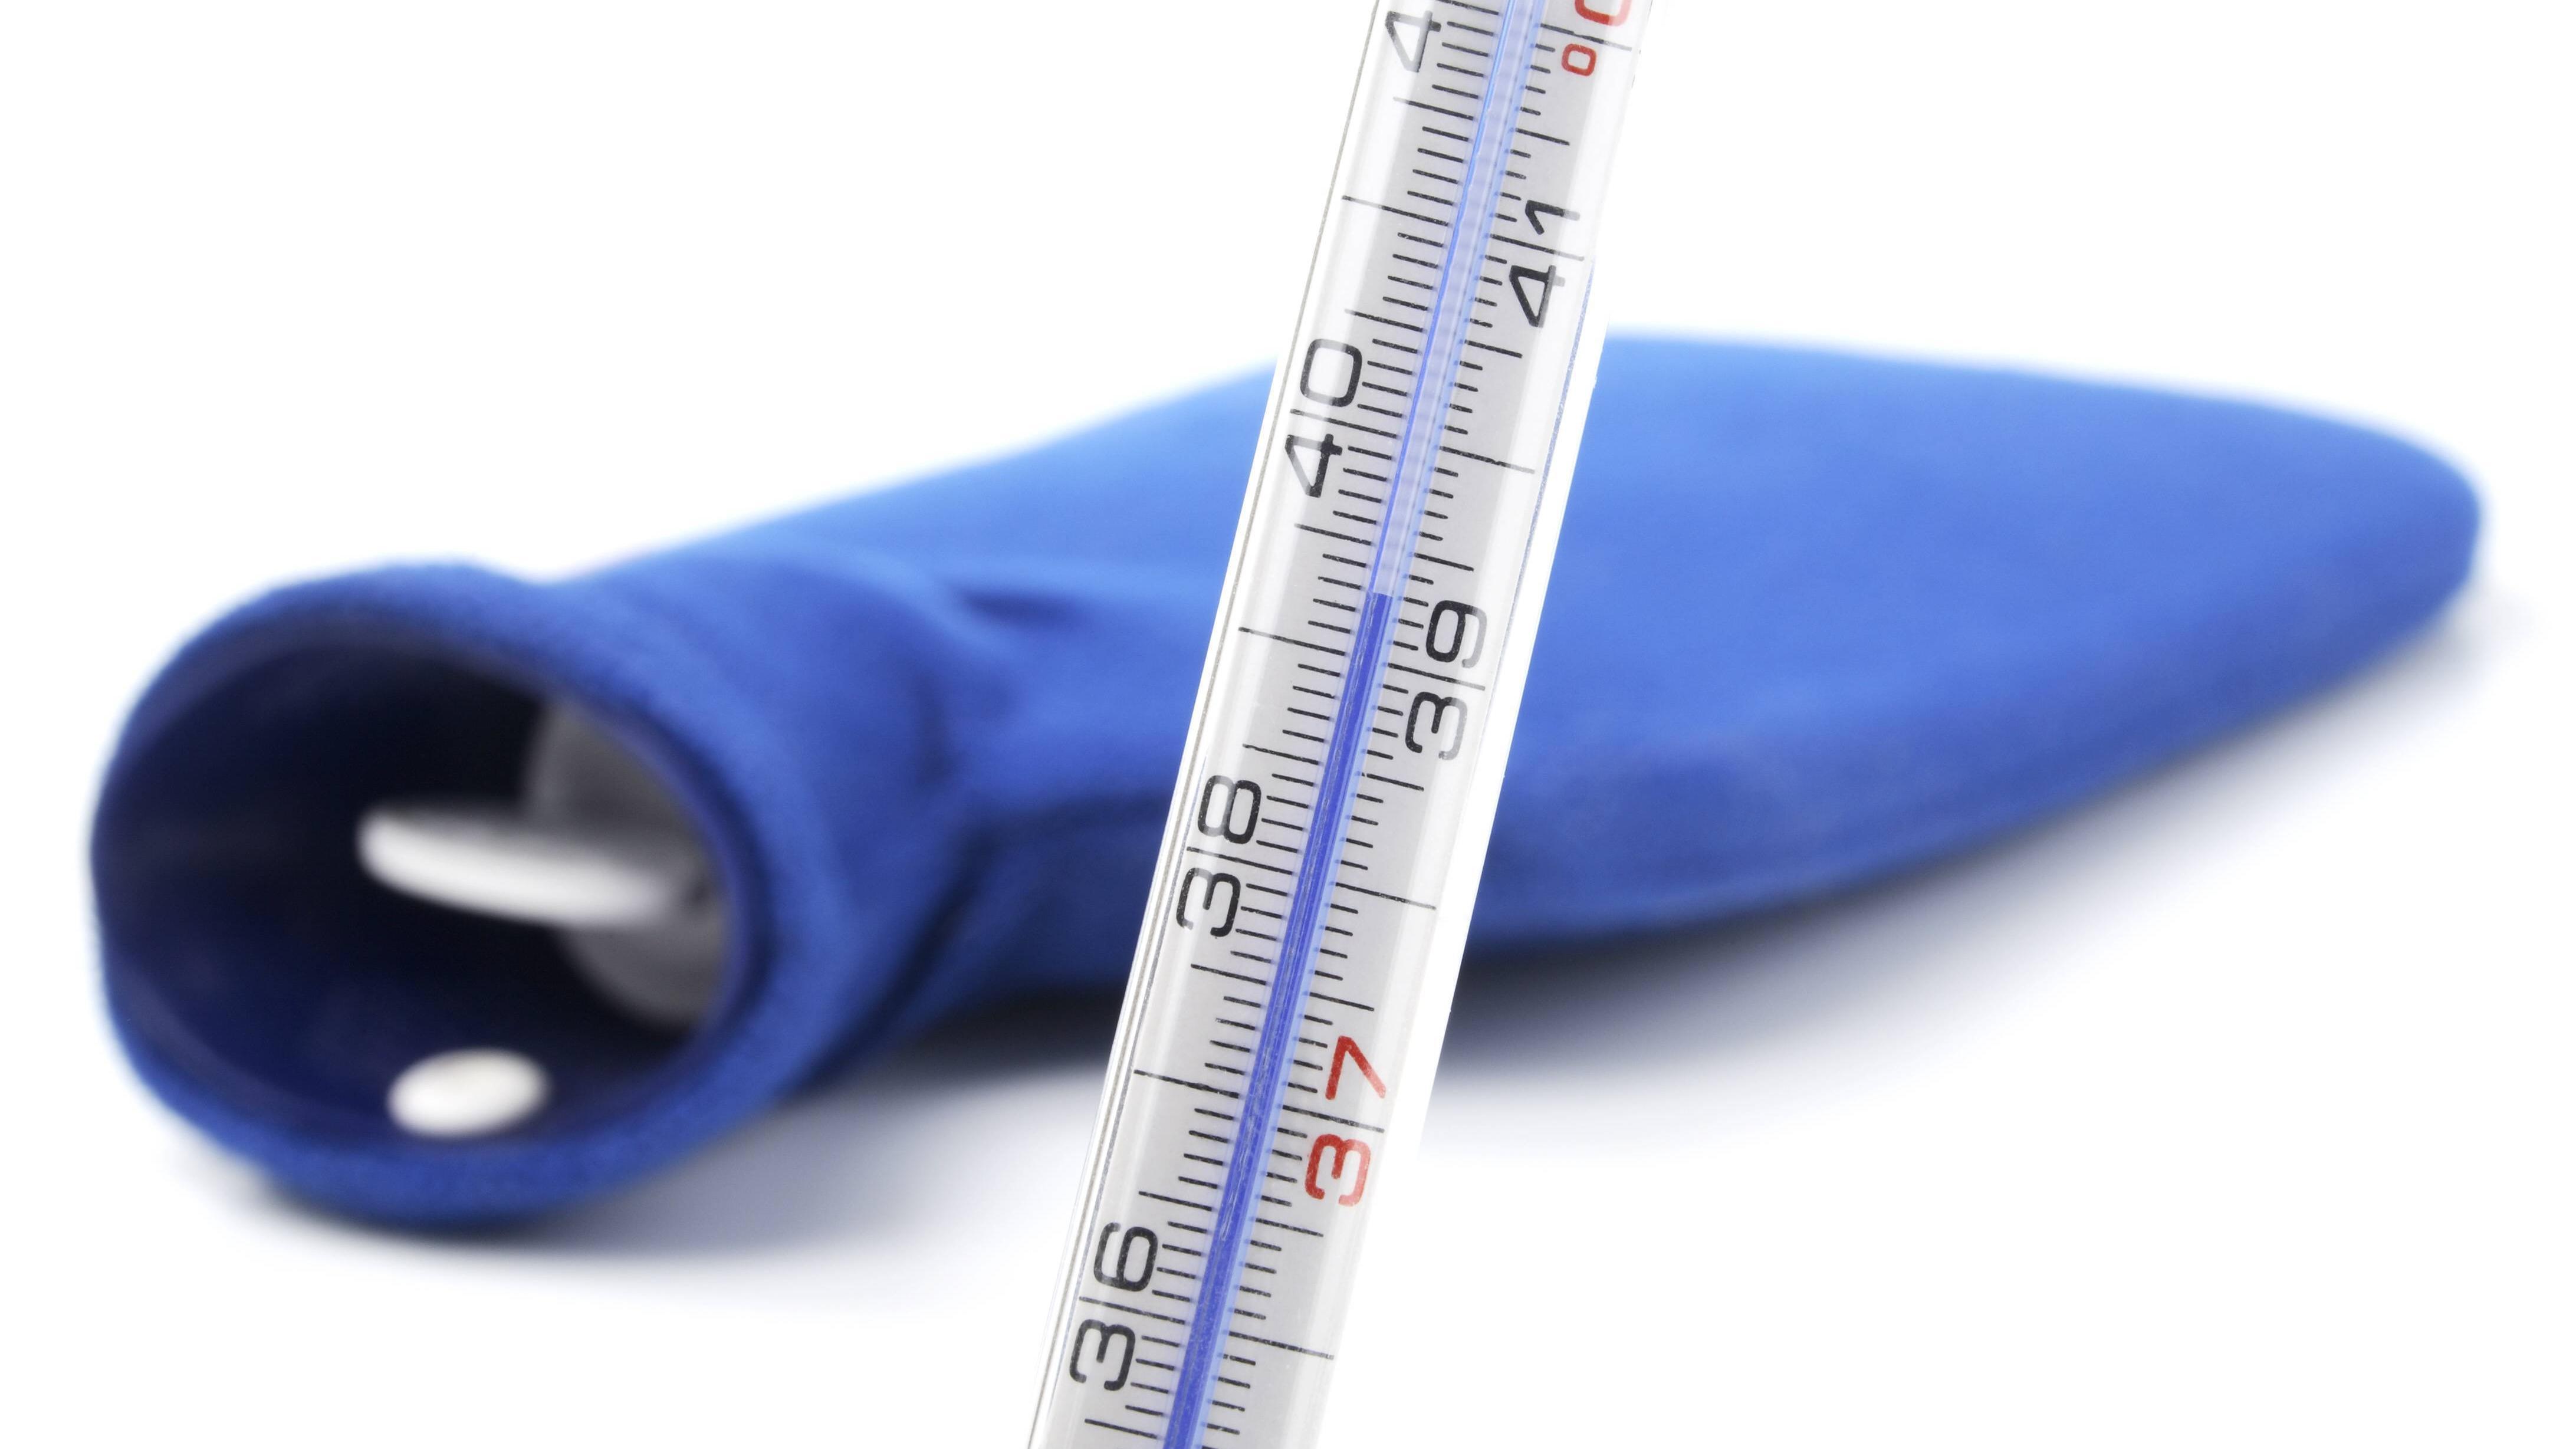 Kalte Wärmflasche im Sommer: So sorgen Sie für Abkühlung